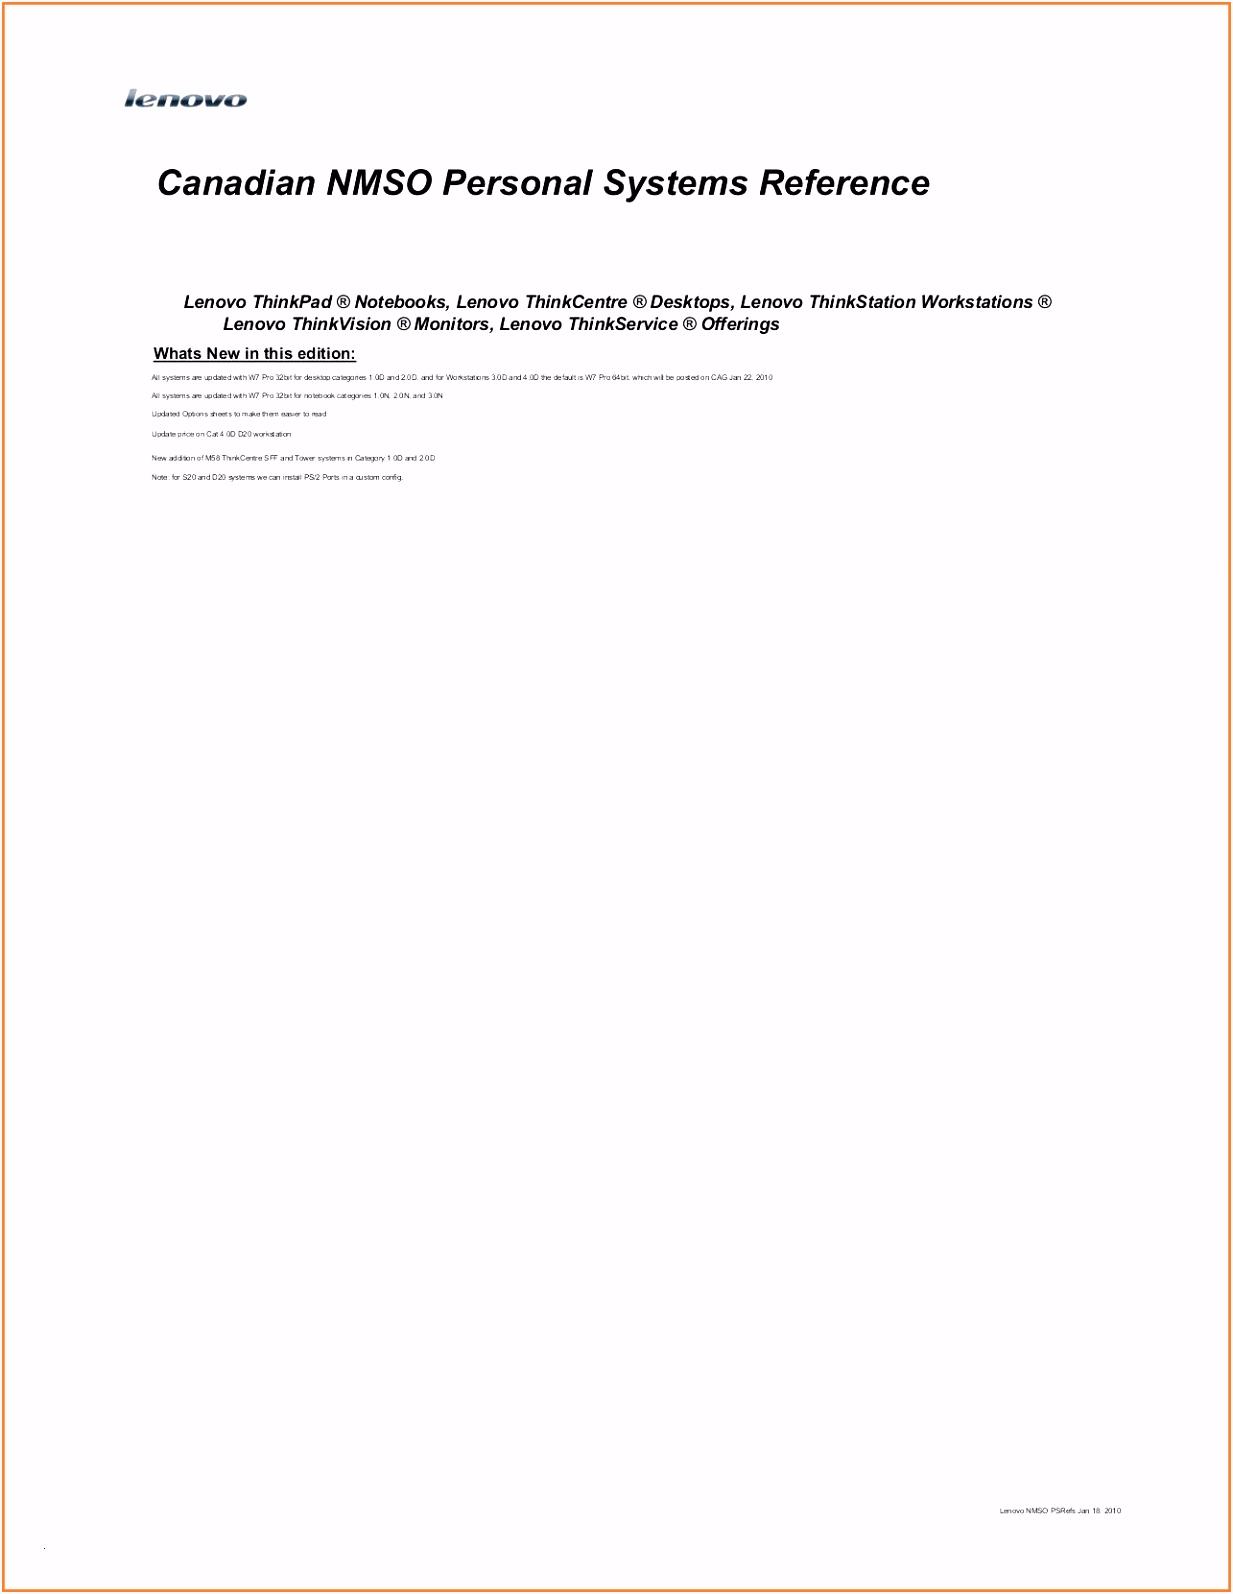 Einverstandniserklarung Schule Vorlage 11 Bewerbung Weiterführende Schule Muster O7ic27xpr6 C6dbvumdg4